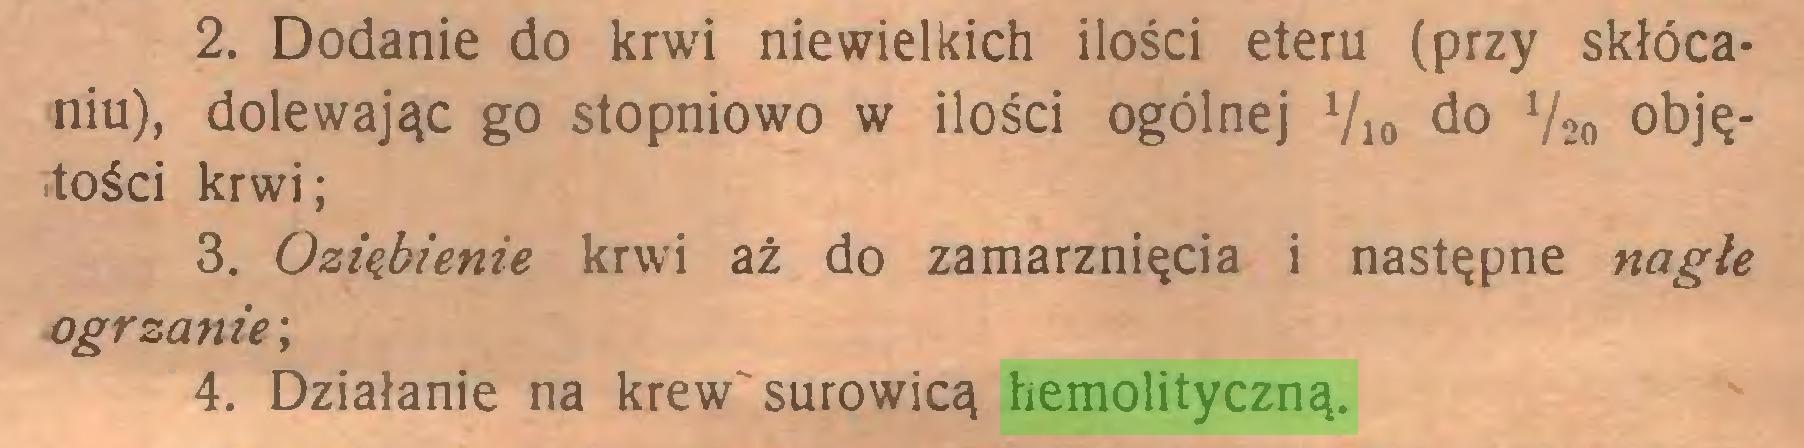 (...) 2. Dodanie do krwi niewielkich ilości eteru (przy skłócaniu), dolewając go stopniowo w ilości ogólnej Yio do 720 objętości krwi; 3. Oziąbienie krwi aż do zamarznięcia i następne nagłe ogrzanie; 4. Działanie na krew surowicą hemolityczną...